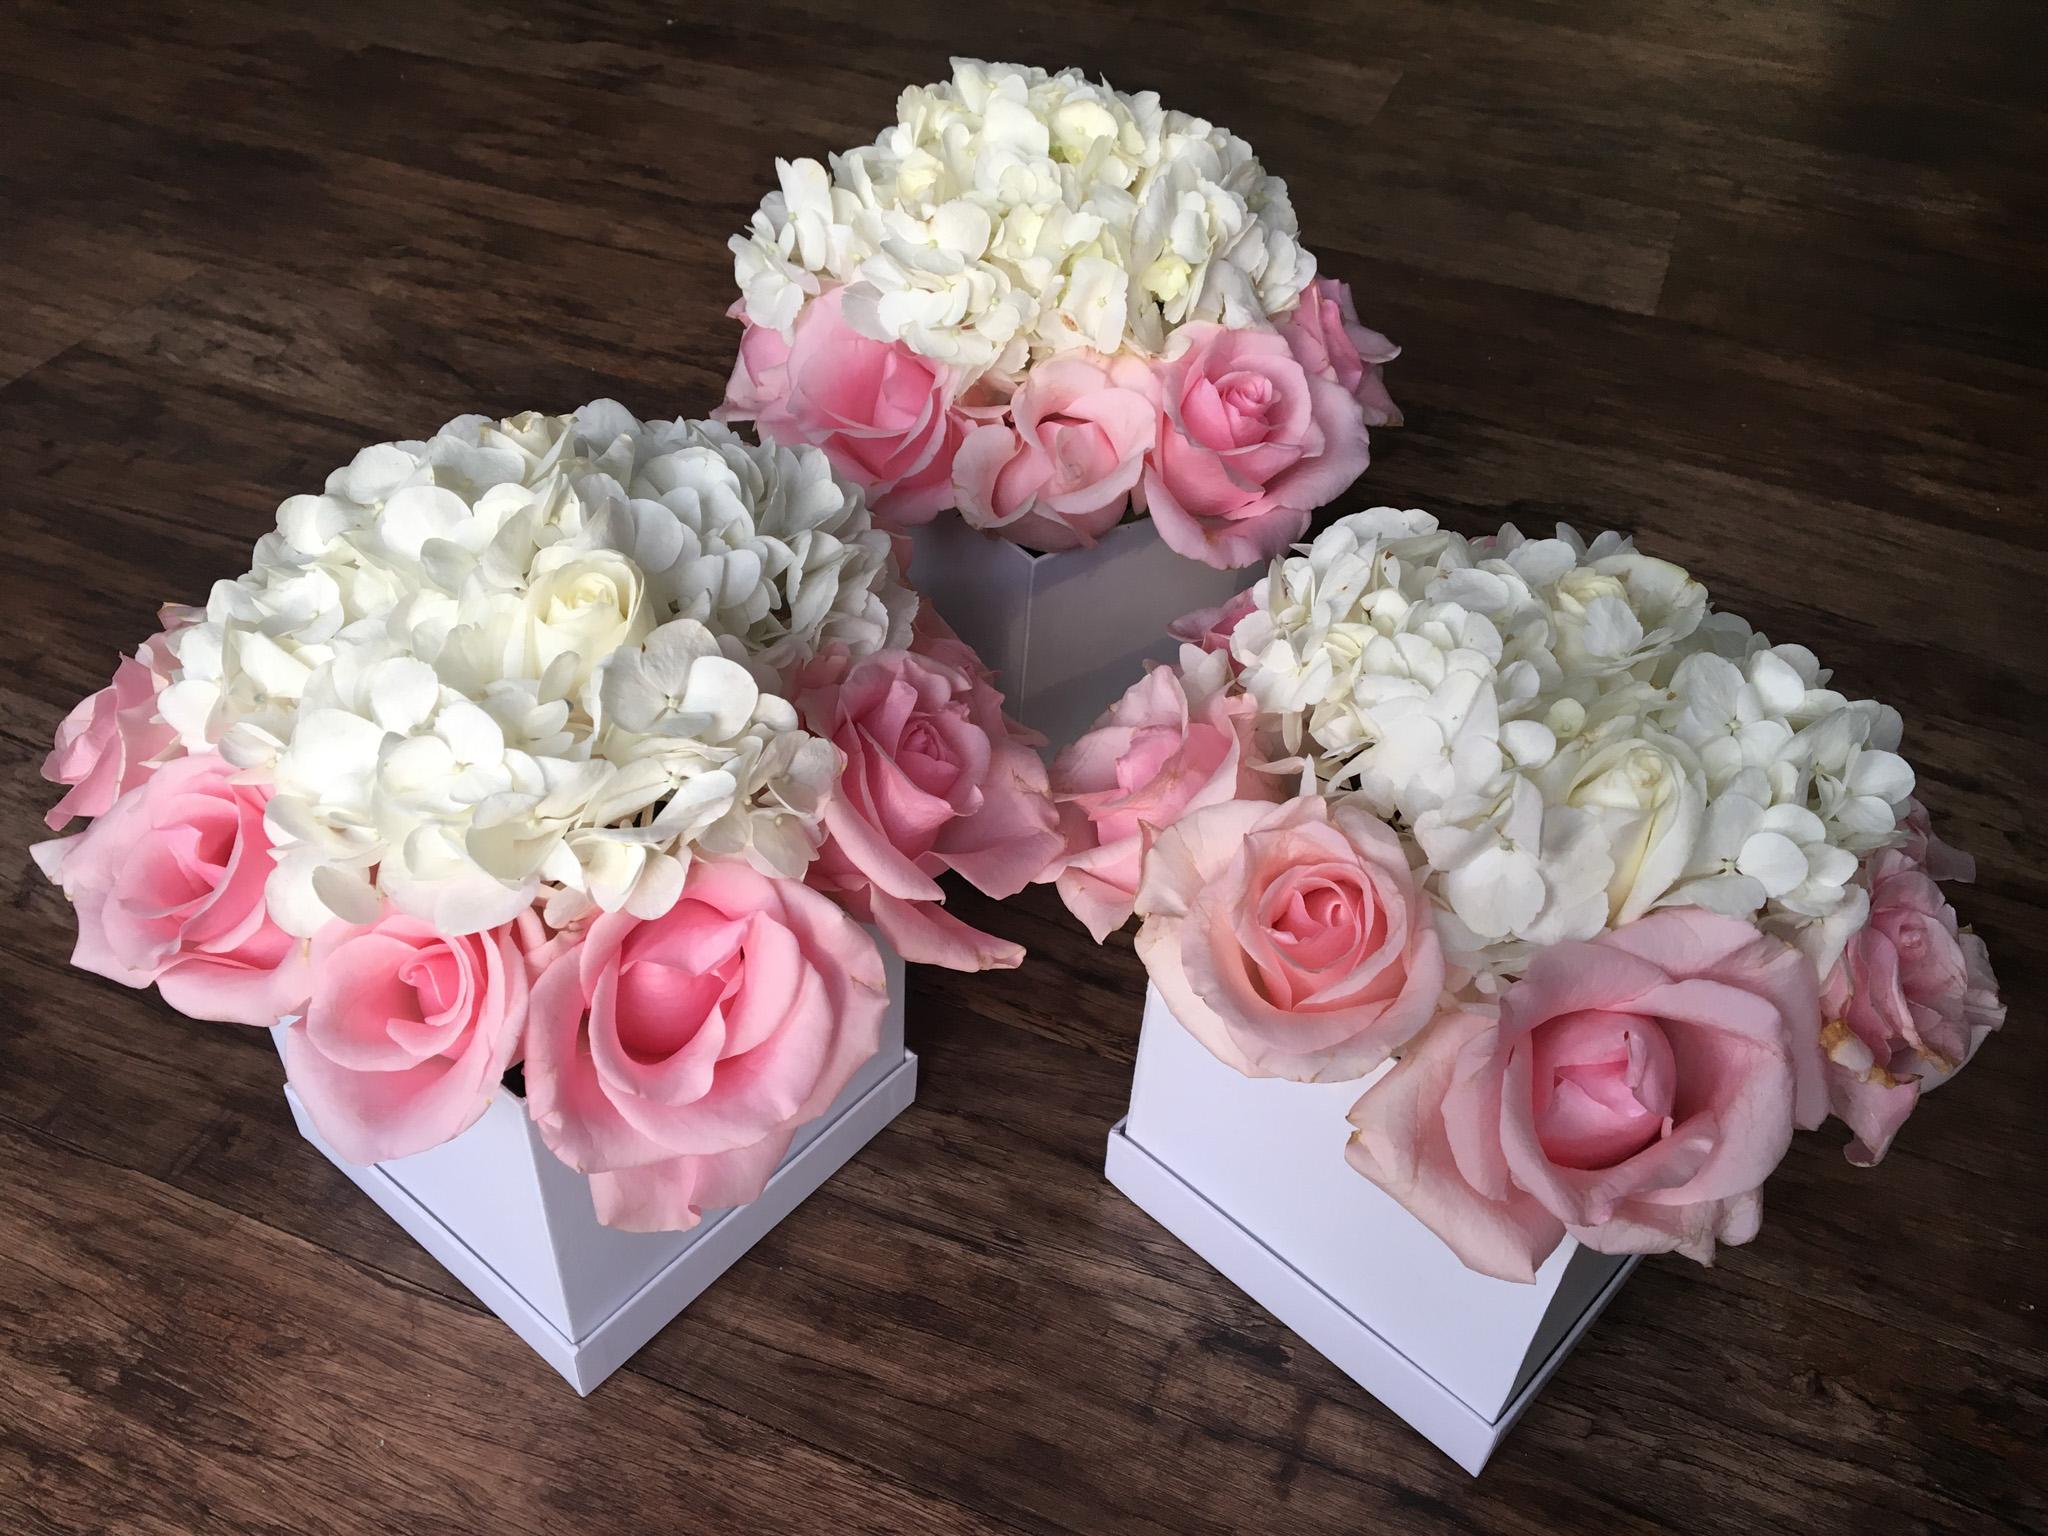 pink_floral_bouquet_luxury_cincinnatievents3.jpg